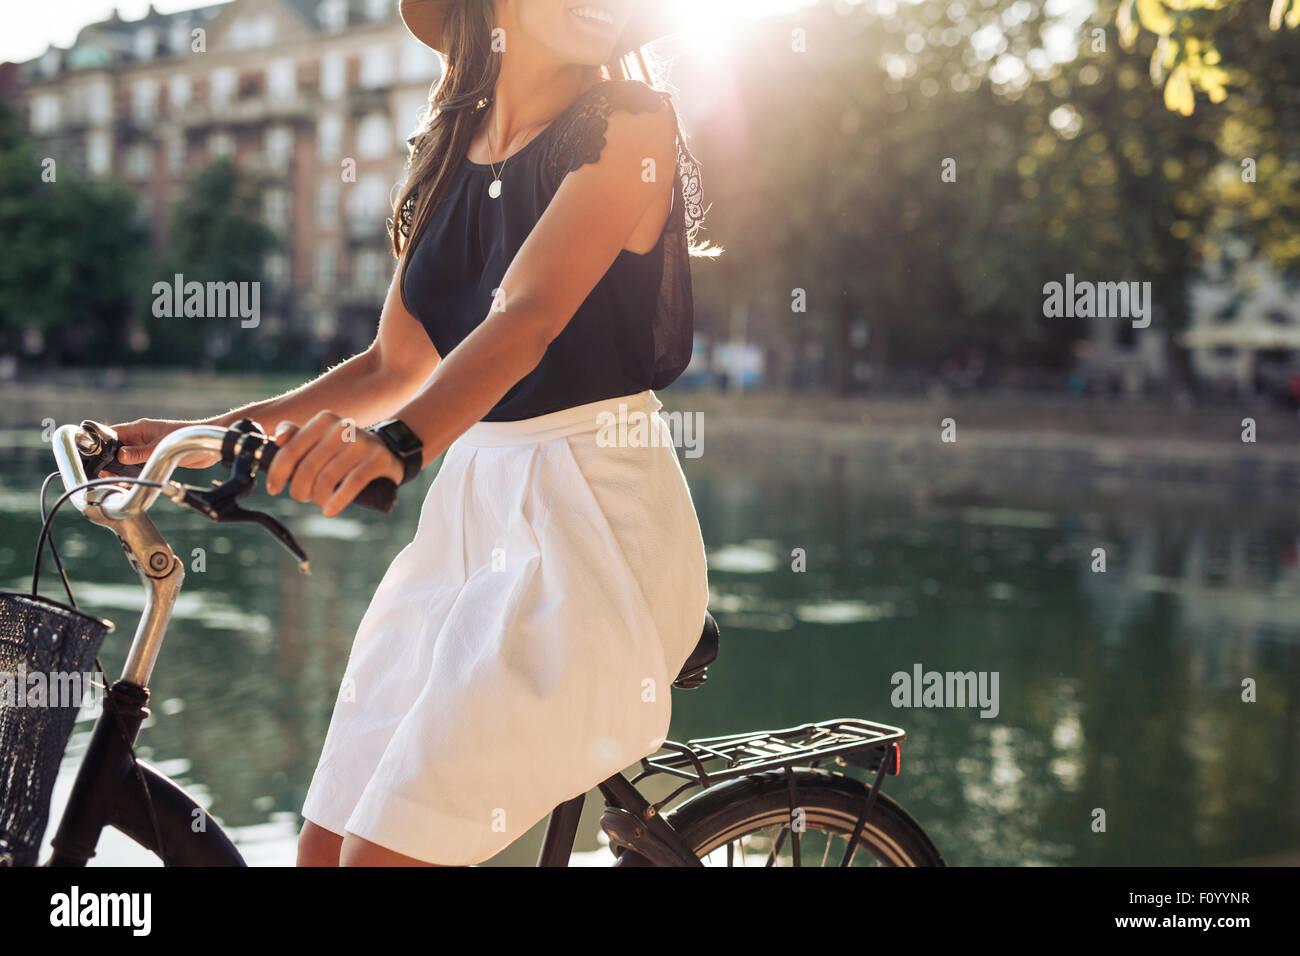 Ritagliato colpo di giovane donna in bicicletta da un laghetto. Donna su un giorno di estate in sella la sua bicicletta. Immagini Stock